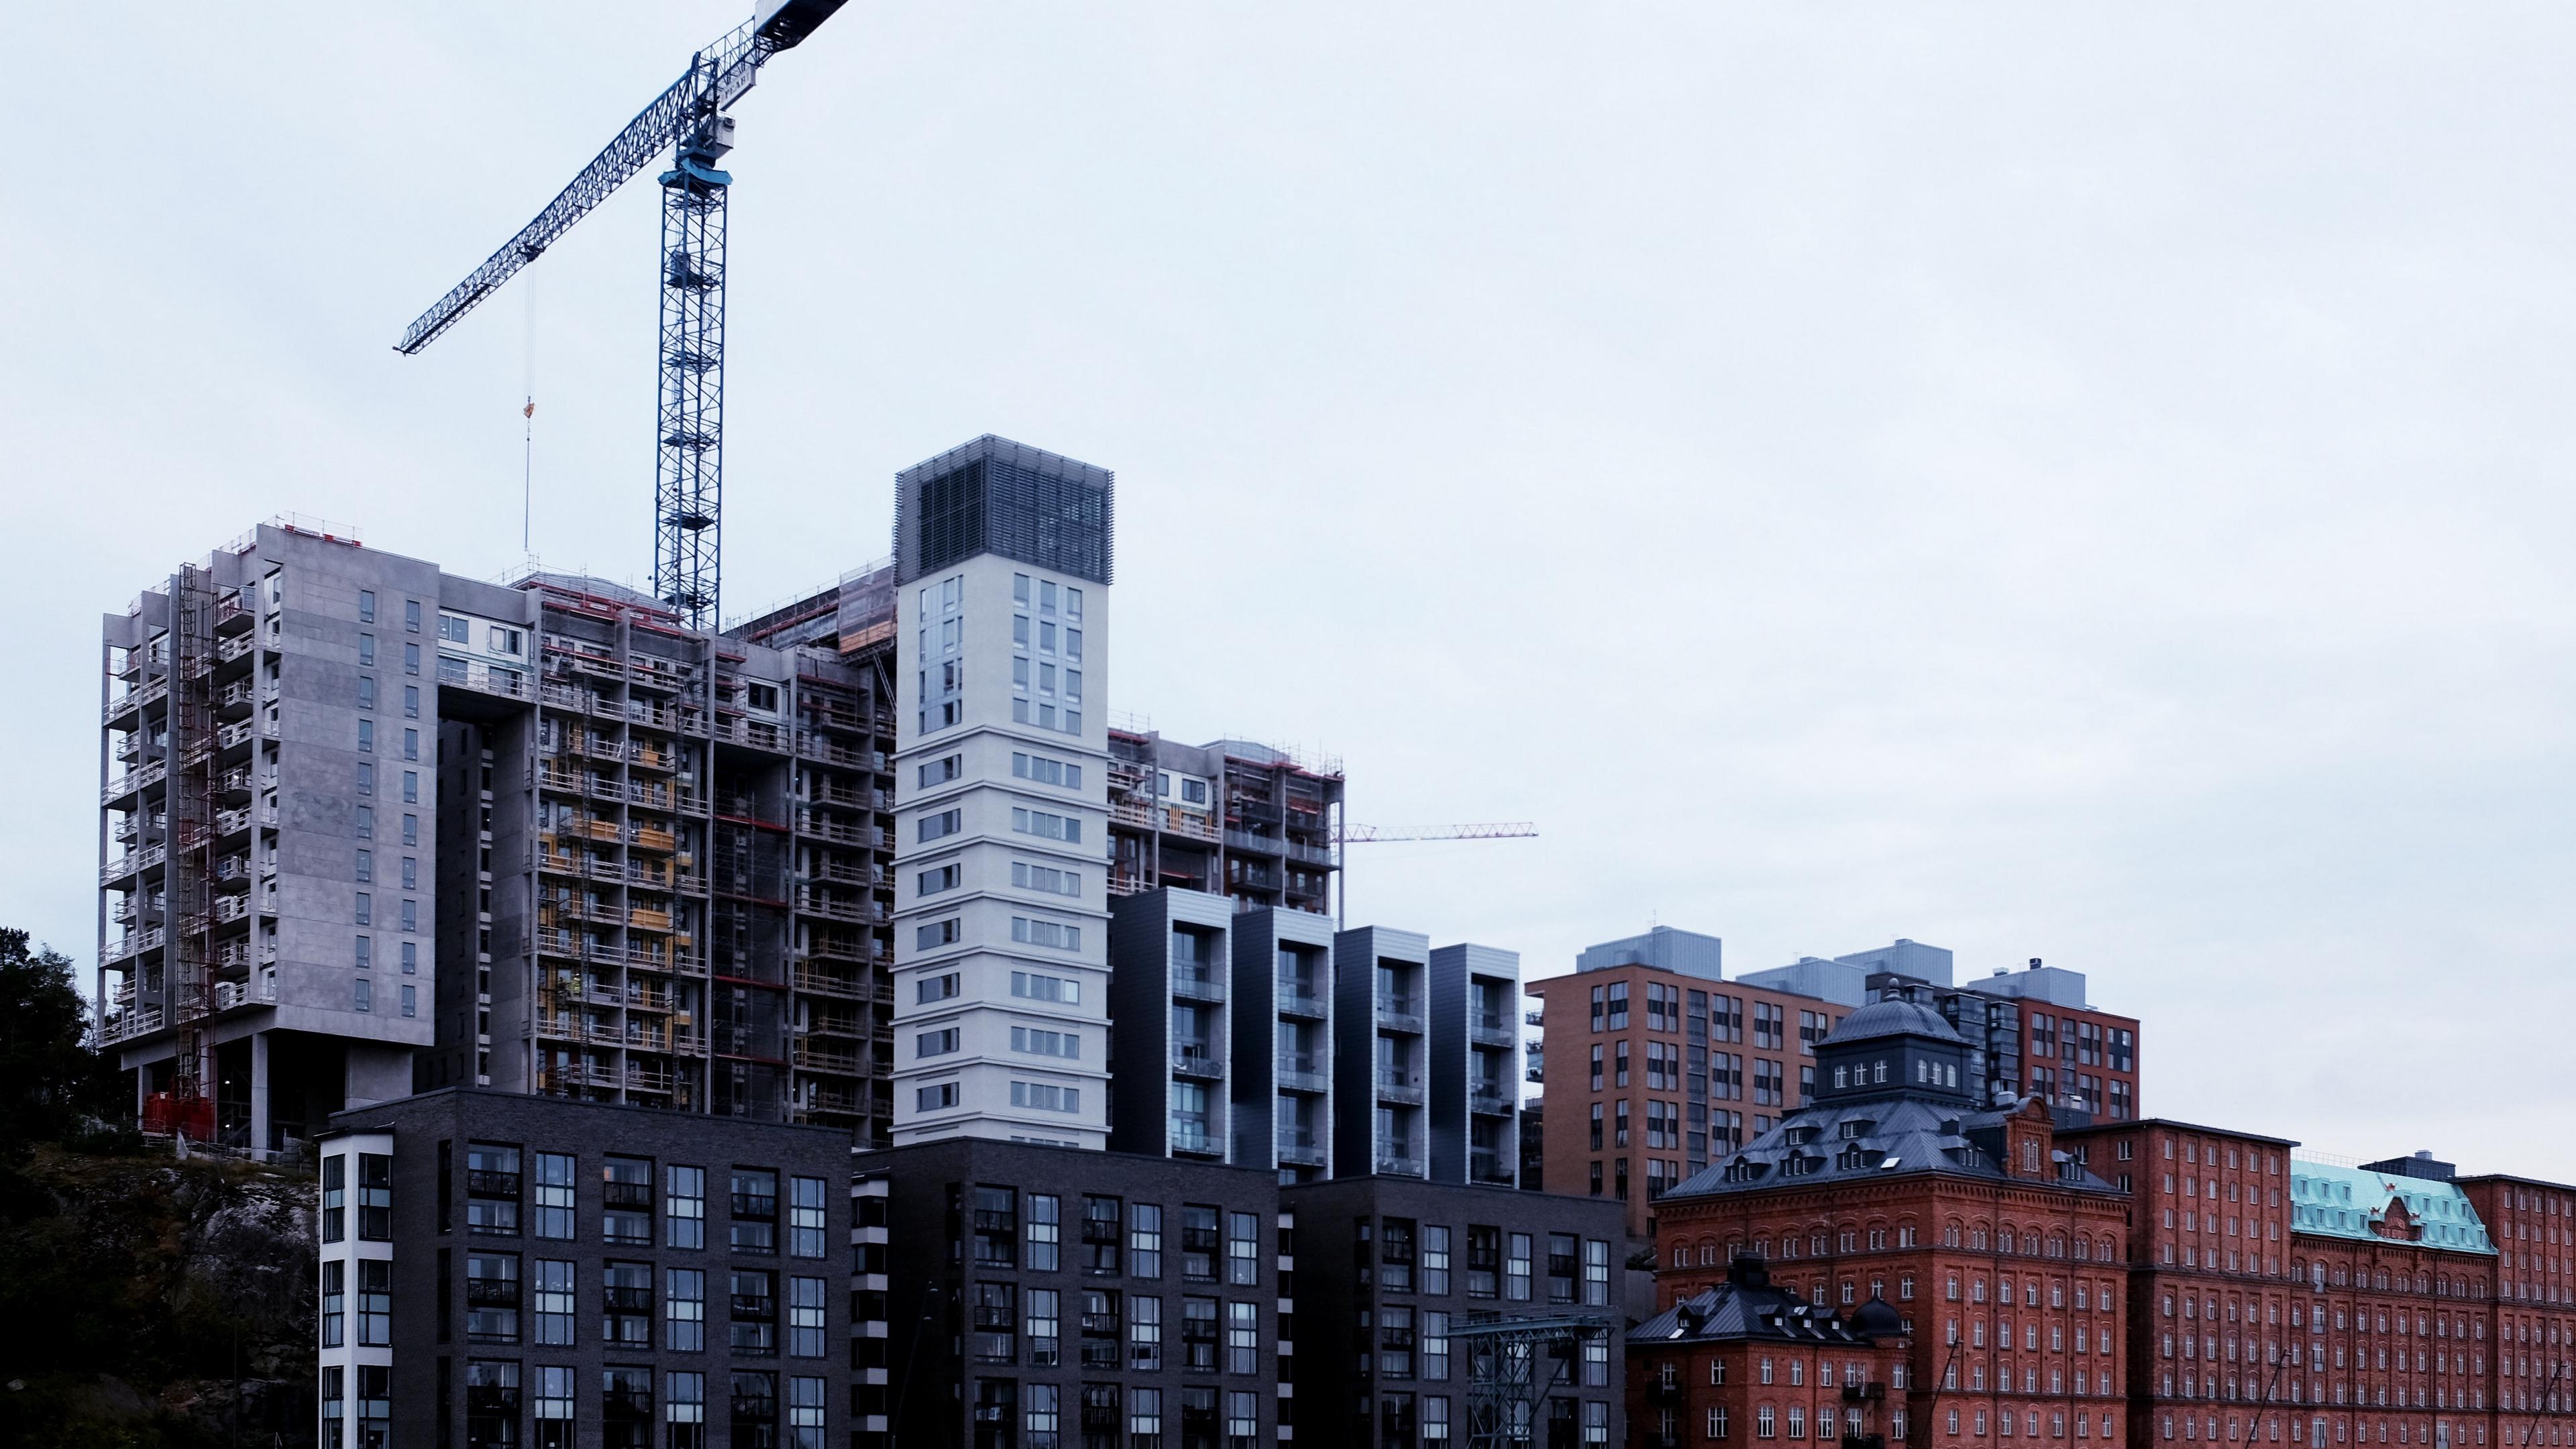 building construction architecture design 4k 1538065113 - building, construction, architecture, design 4k - construction, Building, Architecture